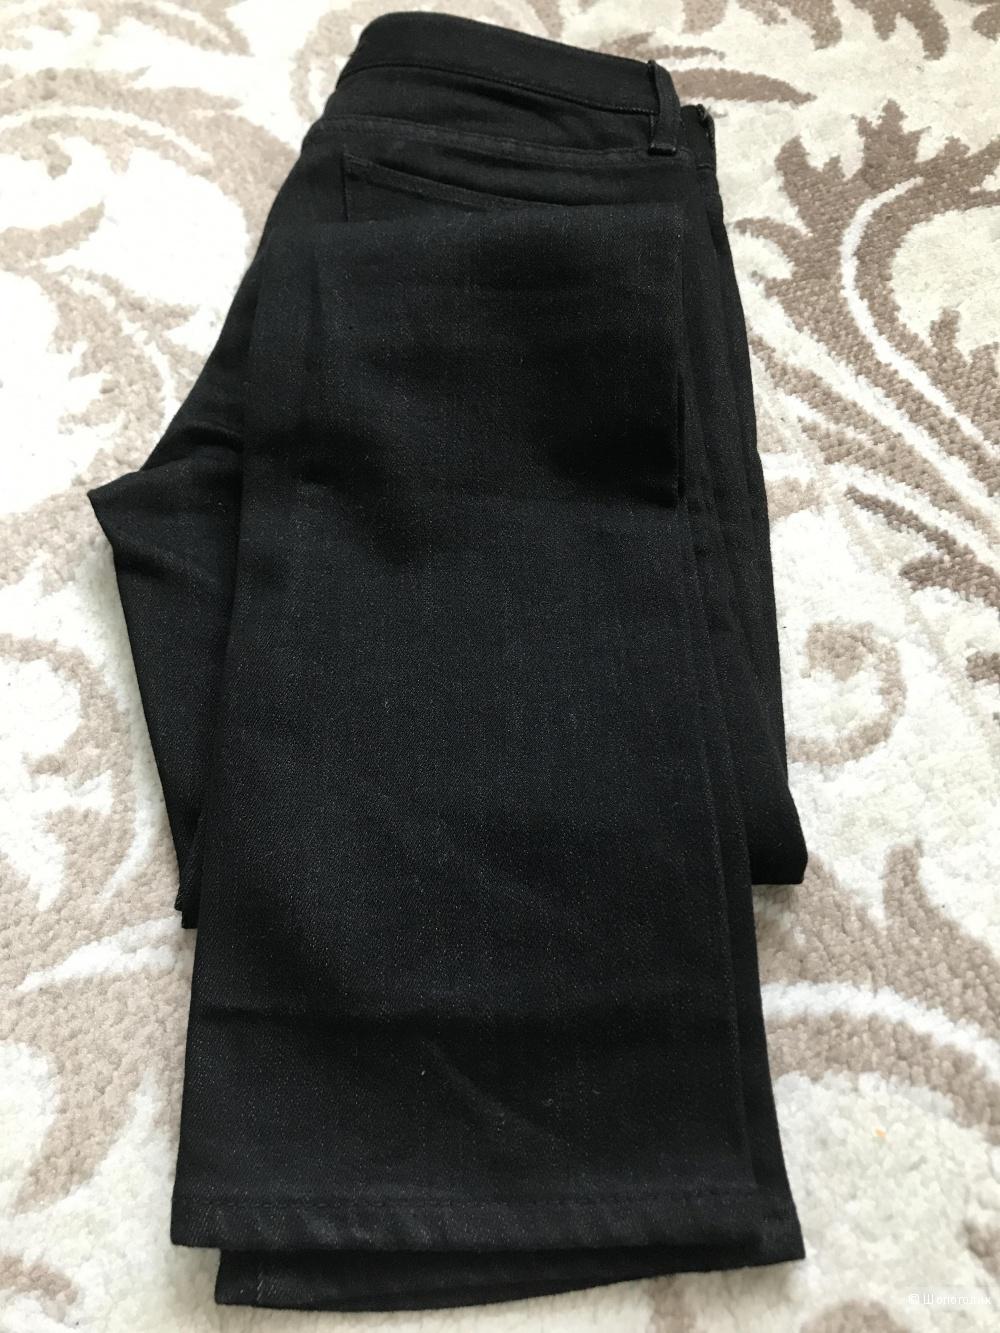 Джинсы черные UNIQLO, 24 размер